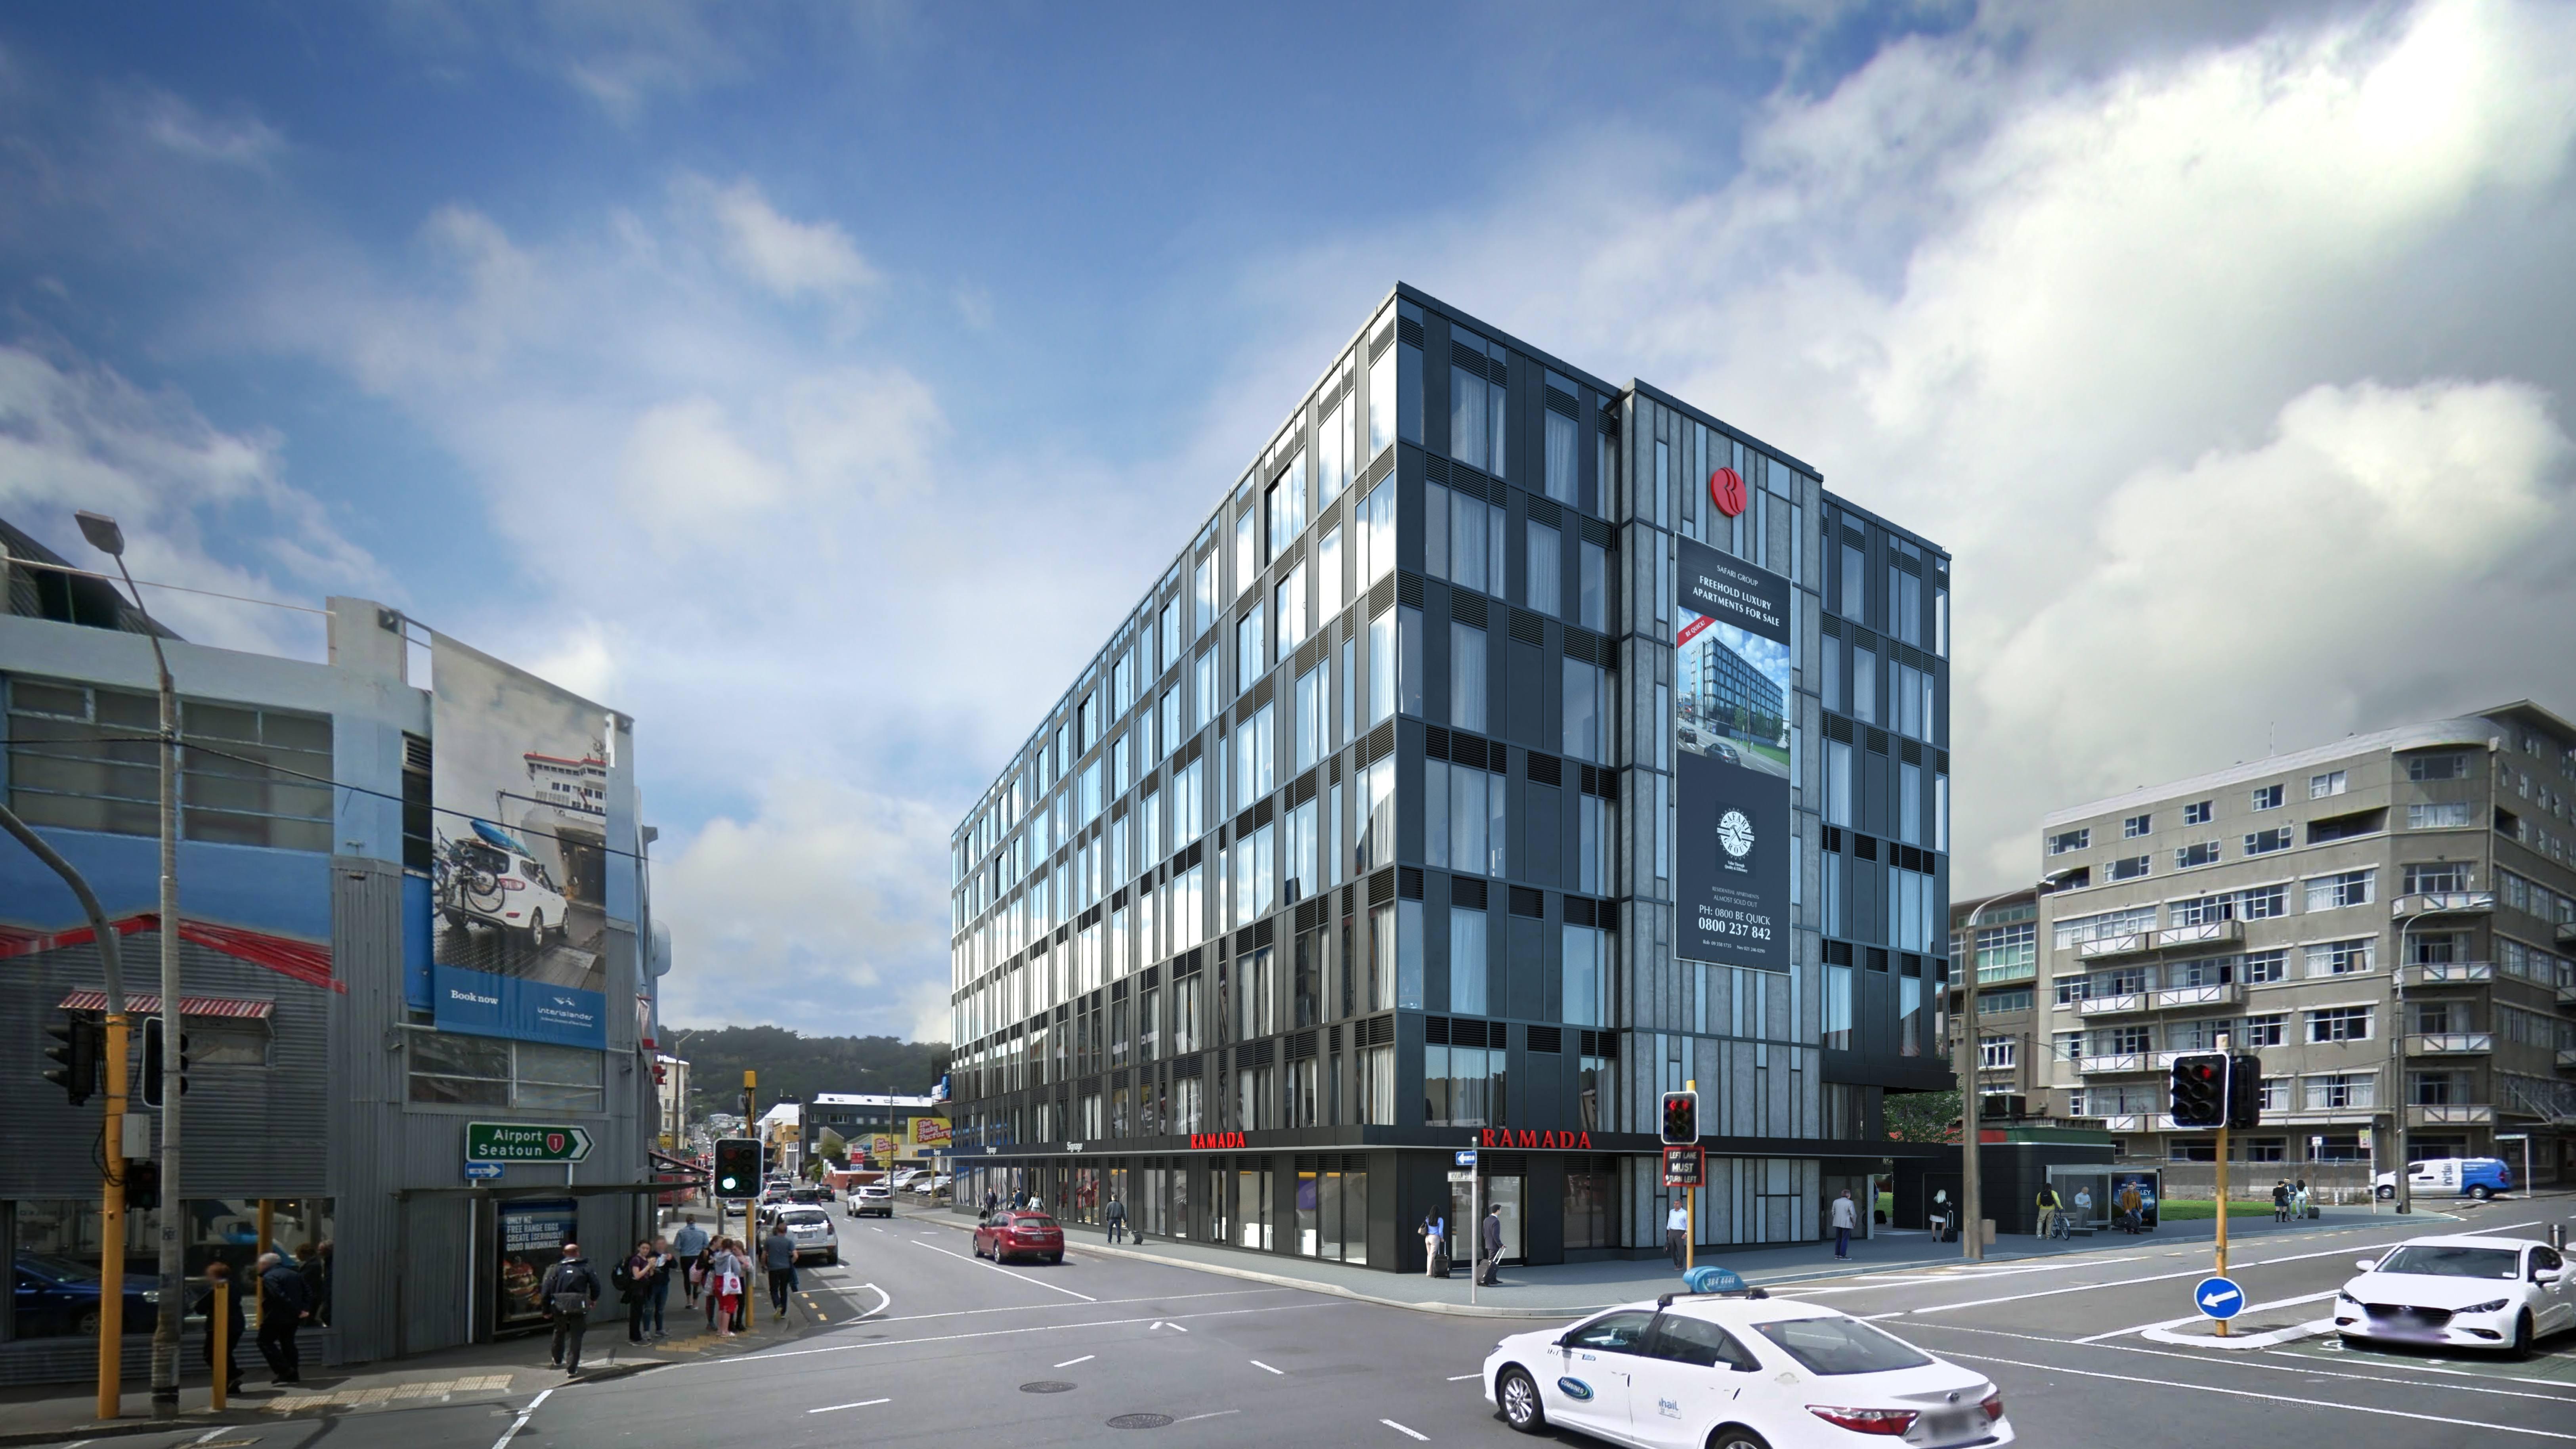 Wellington Central 2019年不能错过的投资机会,2020年完工! 欢迎海外投资者购买! 酒店式公寓$255,238起,华美达惠灵顿市中心全新酒店和套房